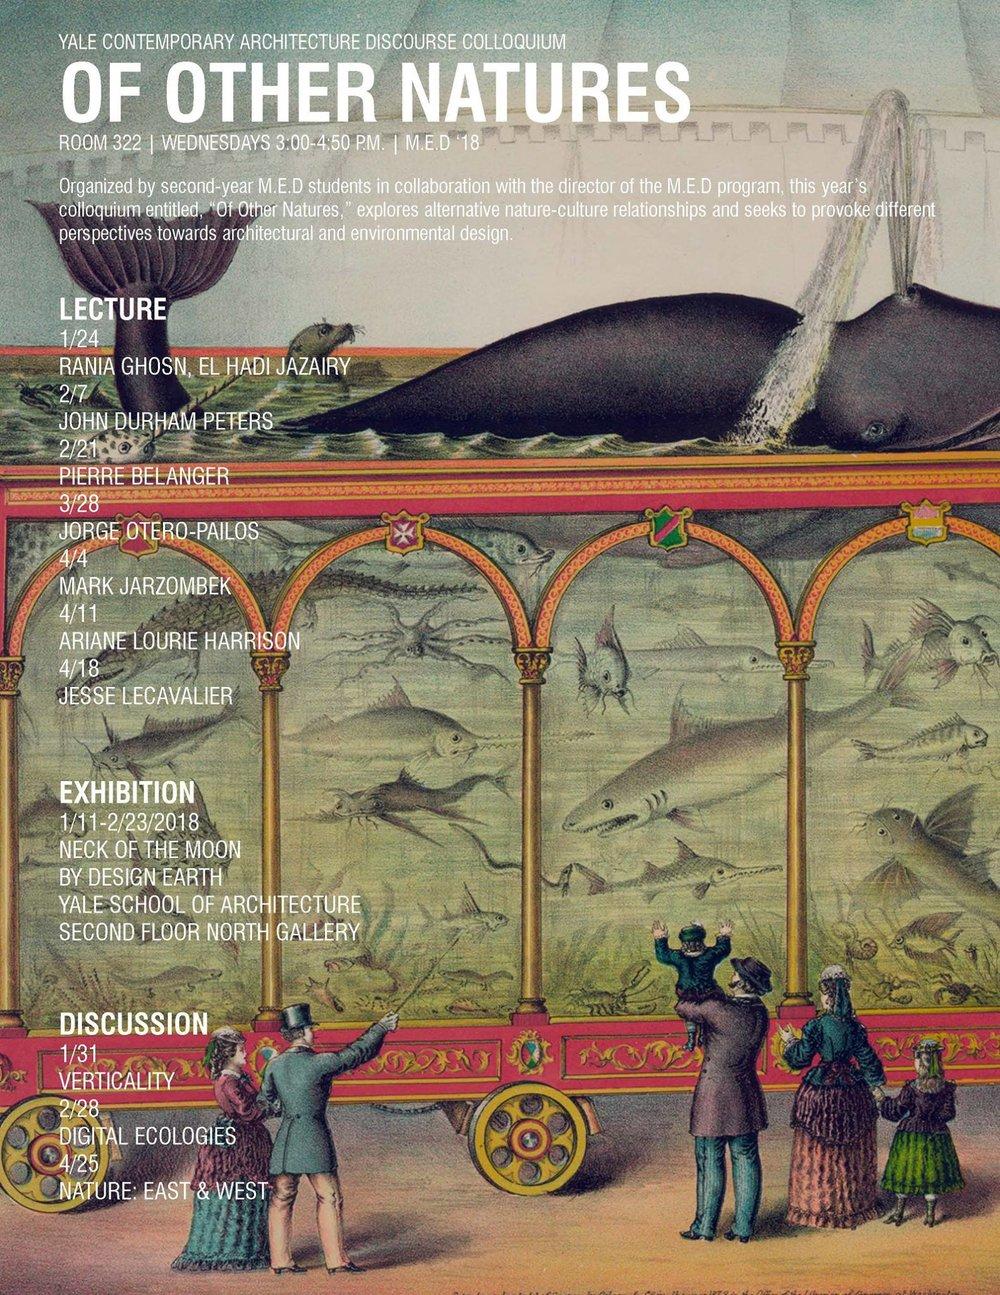 MED YSOA poster.jpg